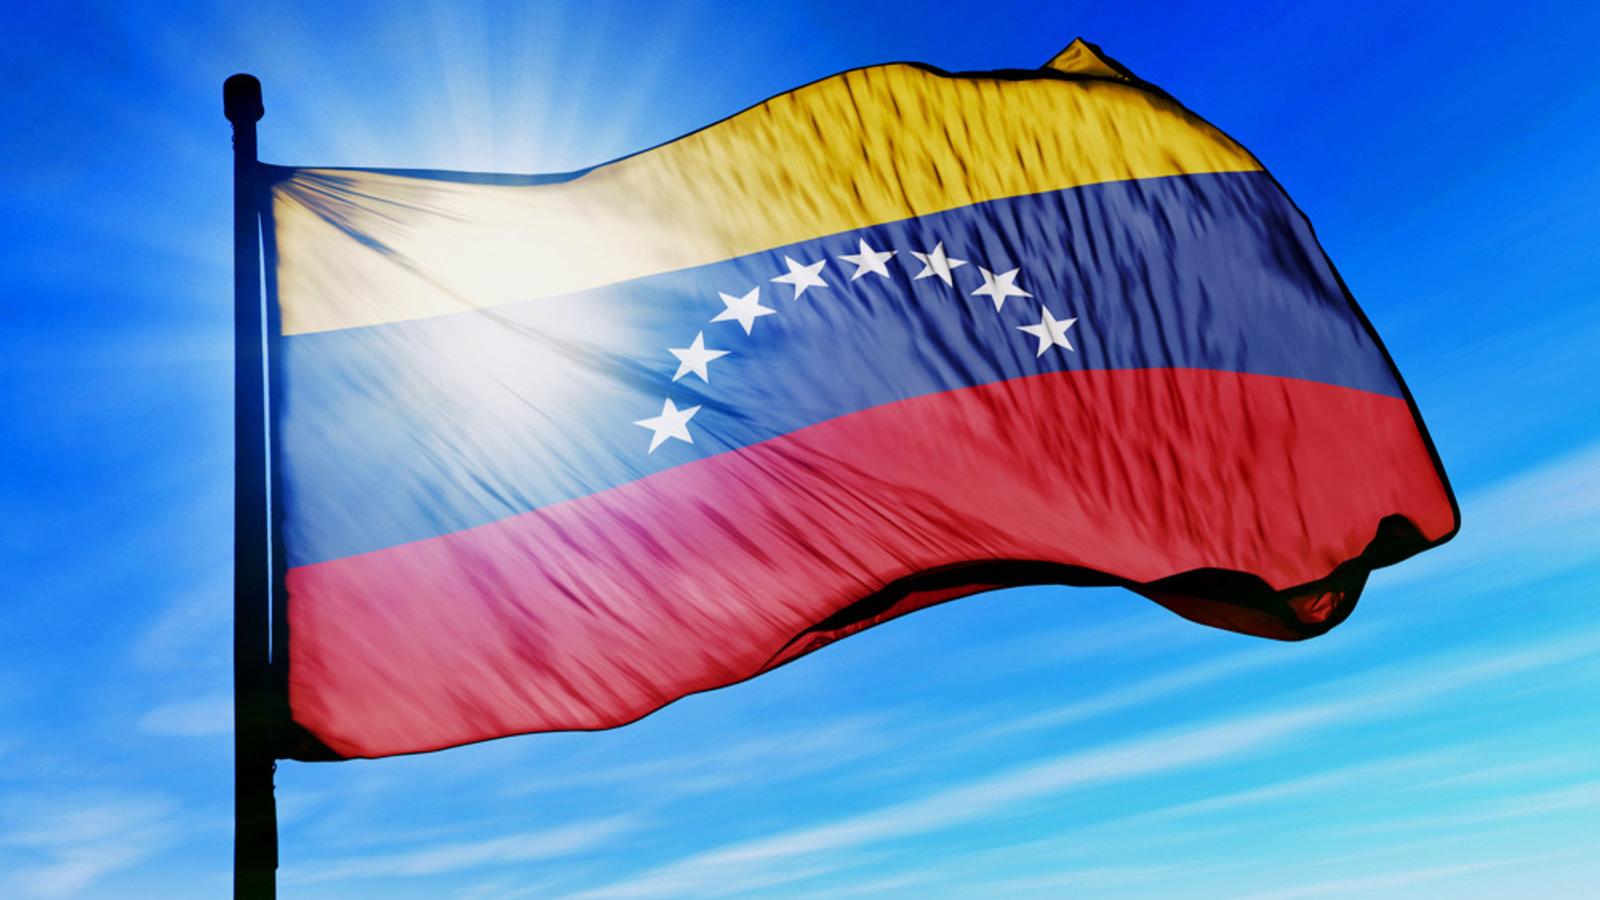 Maduros Wahl